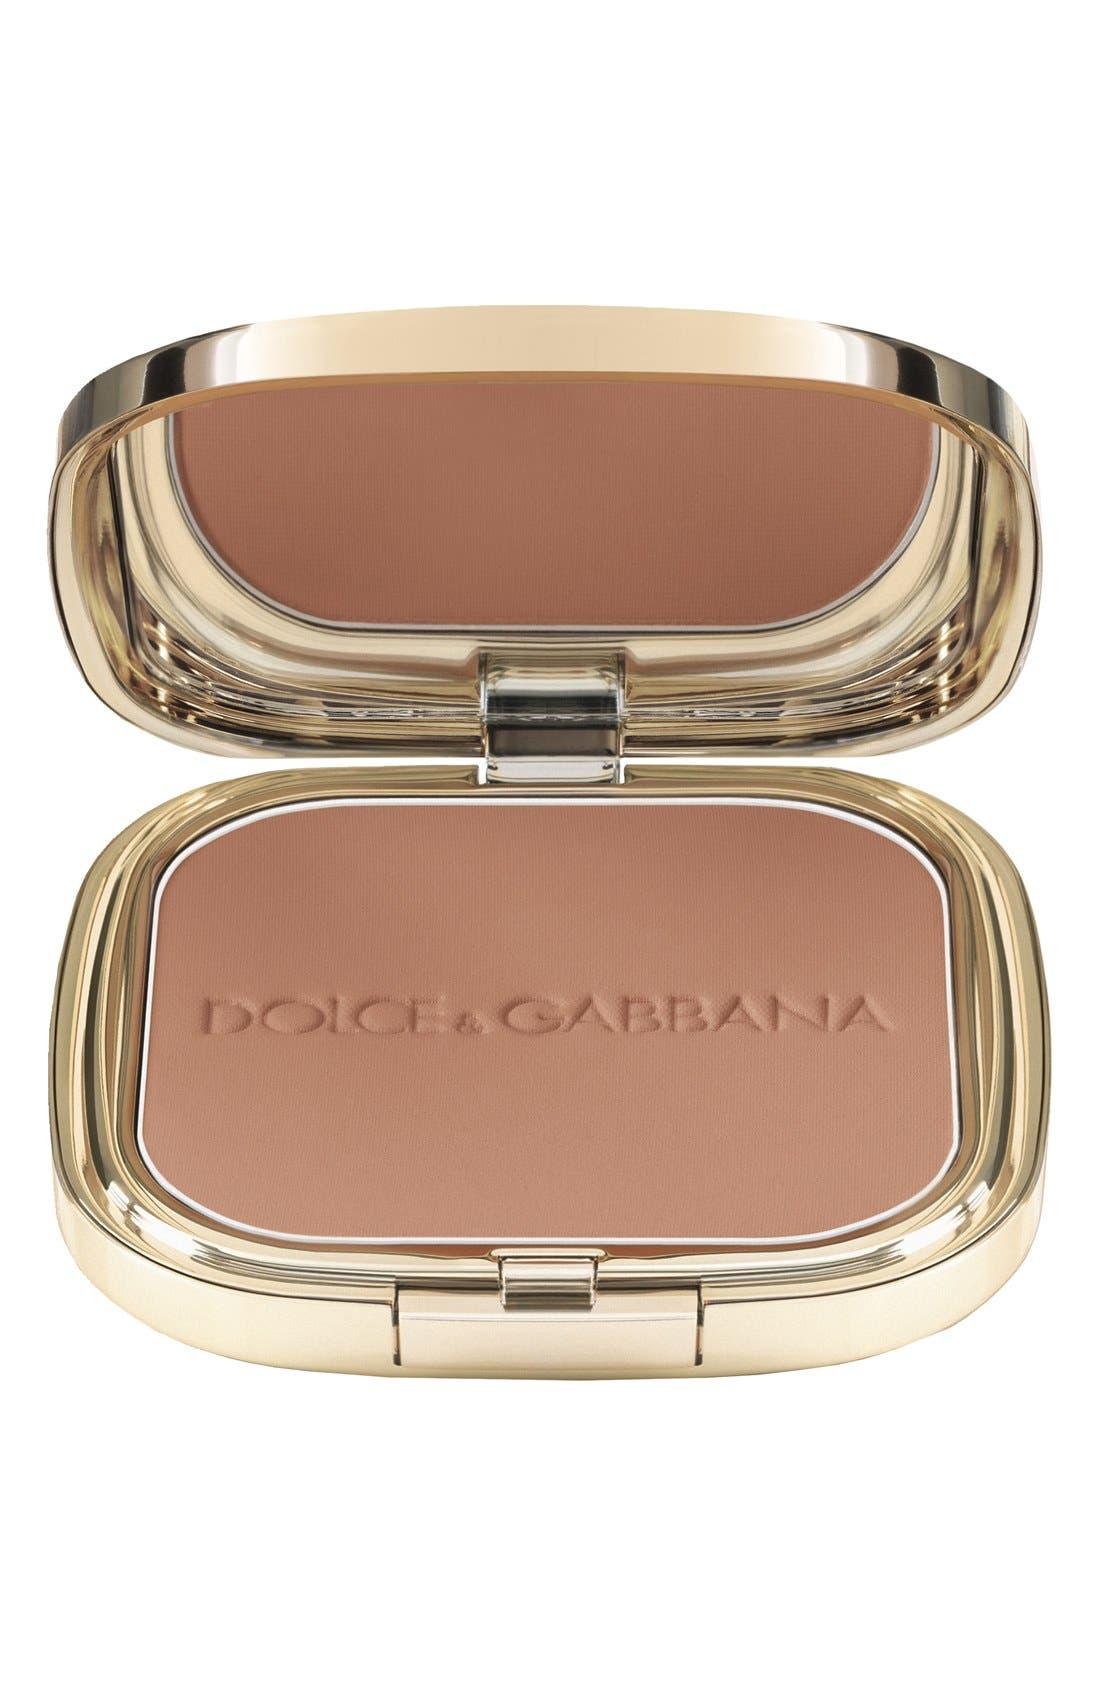 Dolce&Gabbana Beauty Glow Bronzing Powder